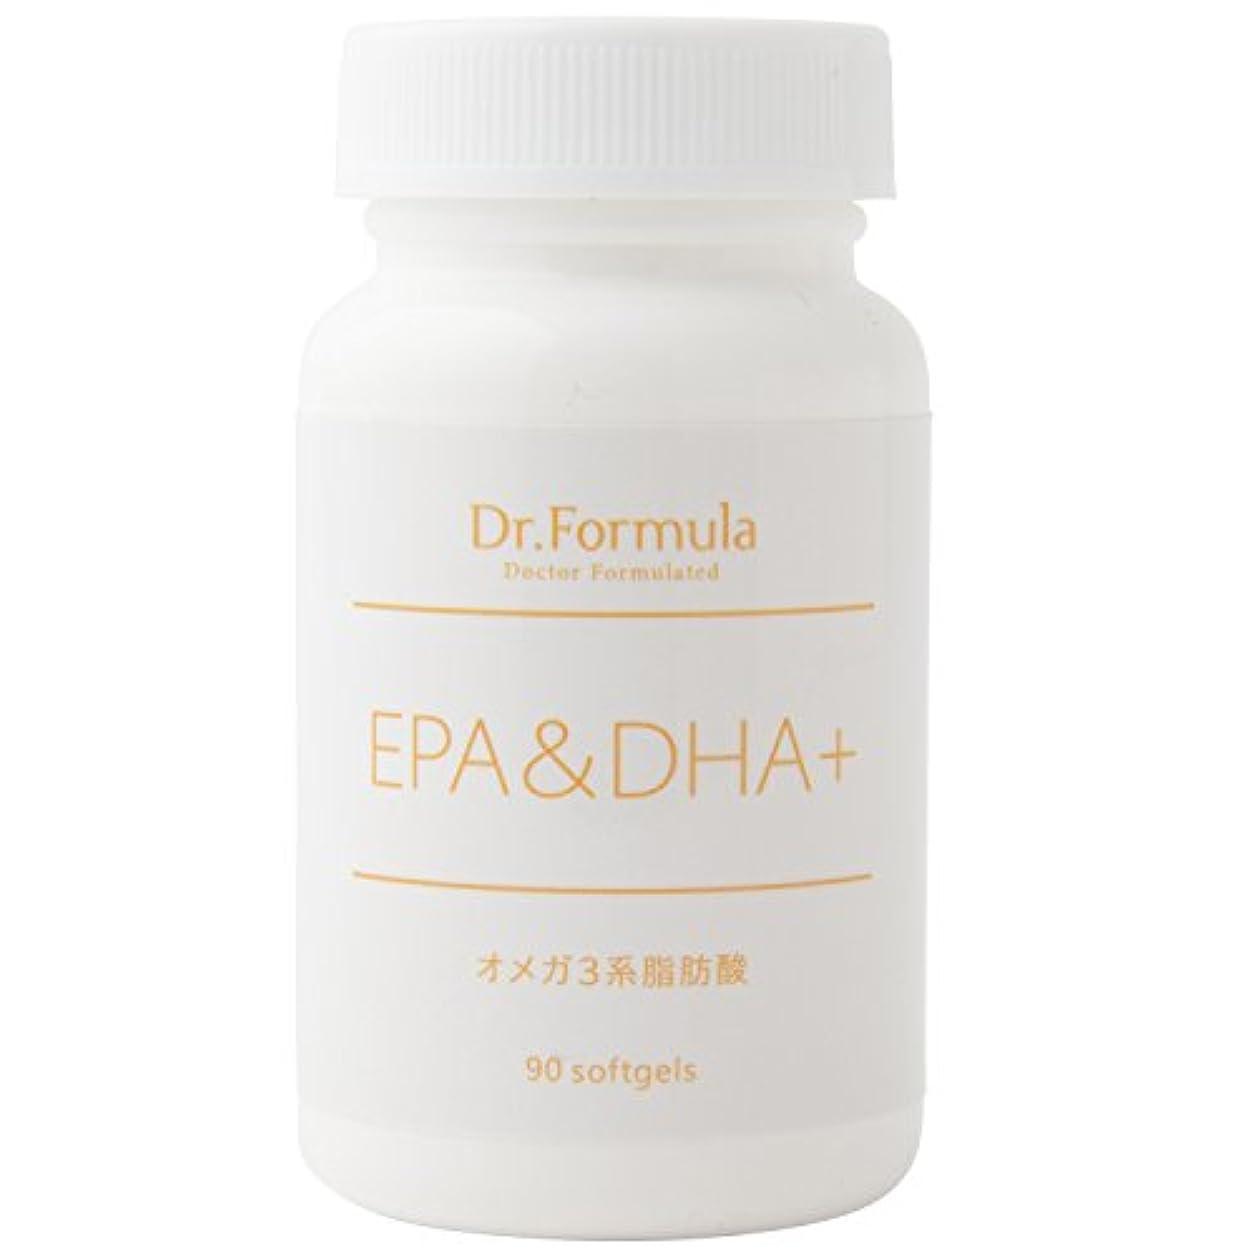 満員採用する抜本的なDr.Formula EPA&DHA+(オメガ 3系脂肪酸) 30日分 90粒 日本製 OMEGA3